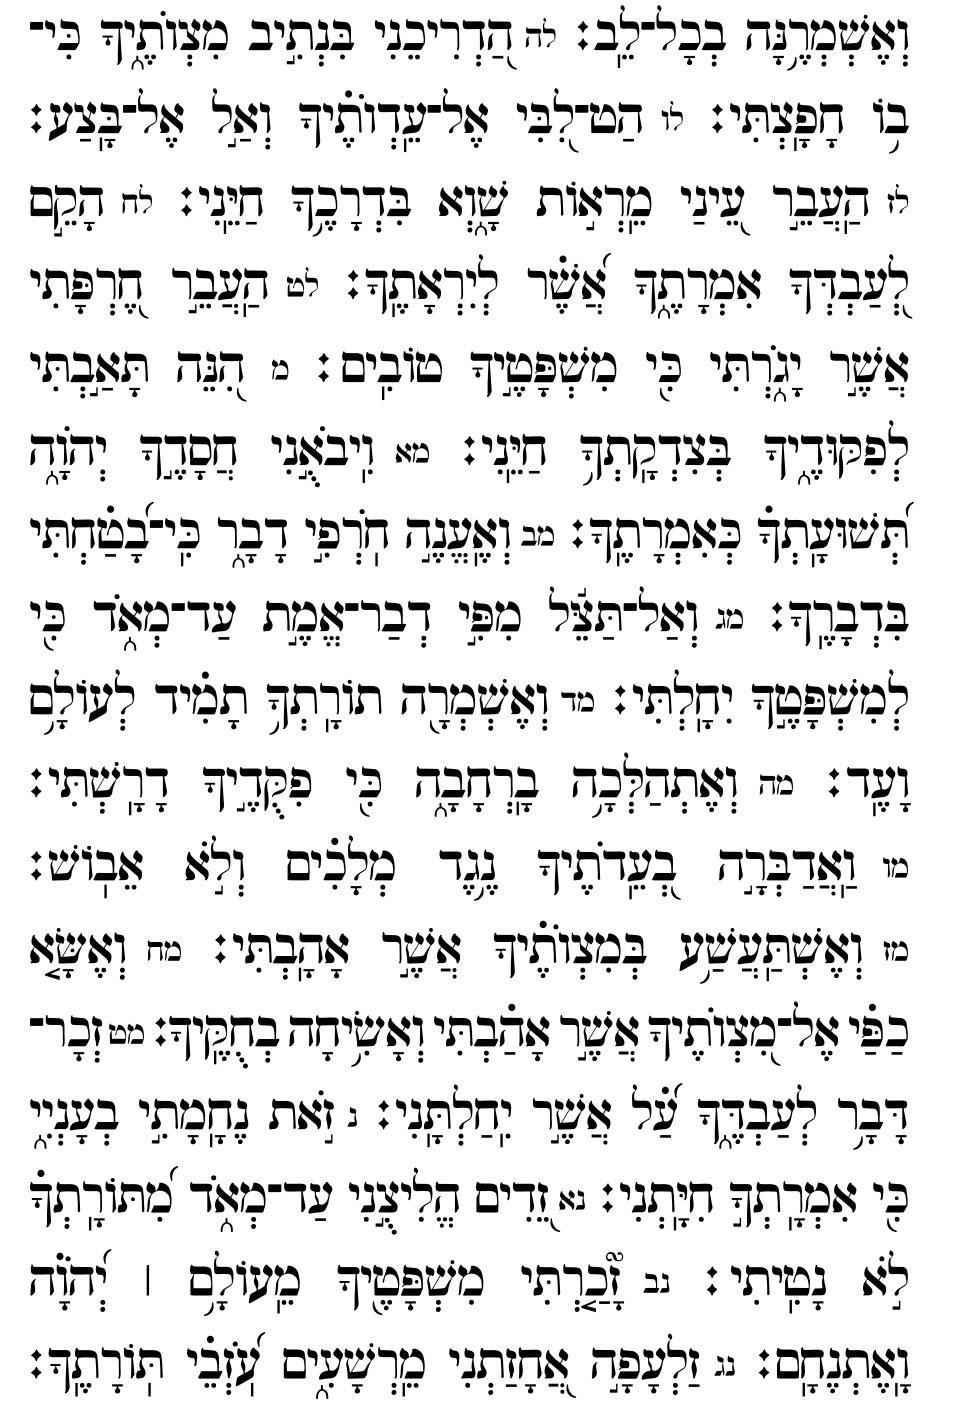 chapter119_1-96c.gif